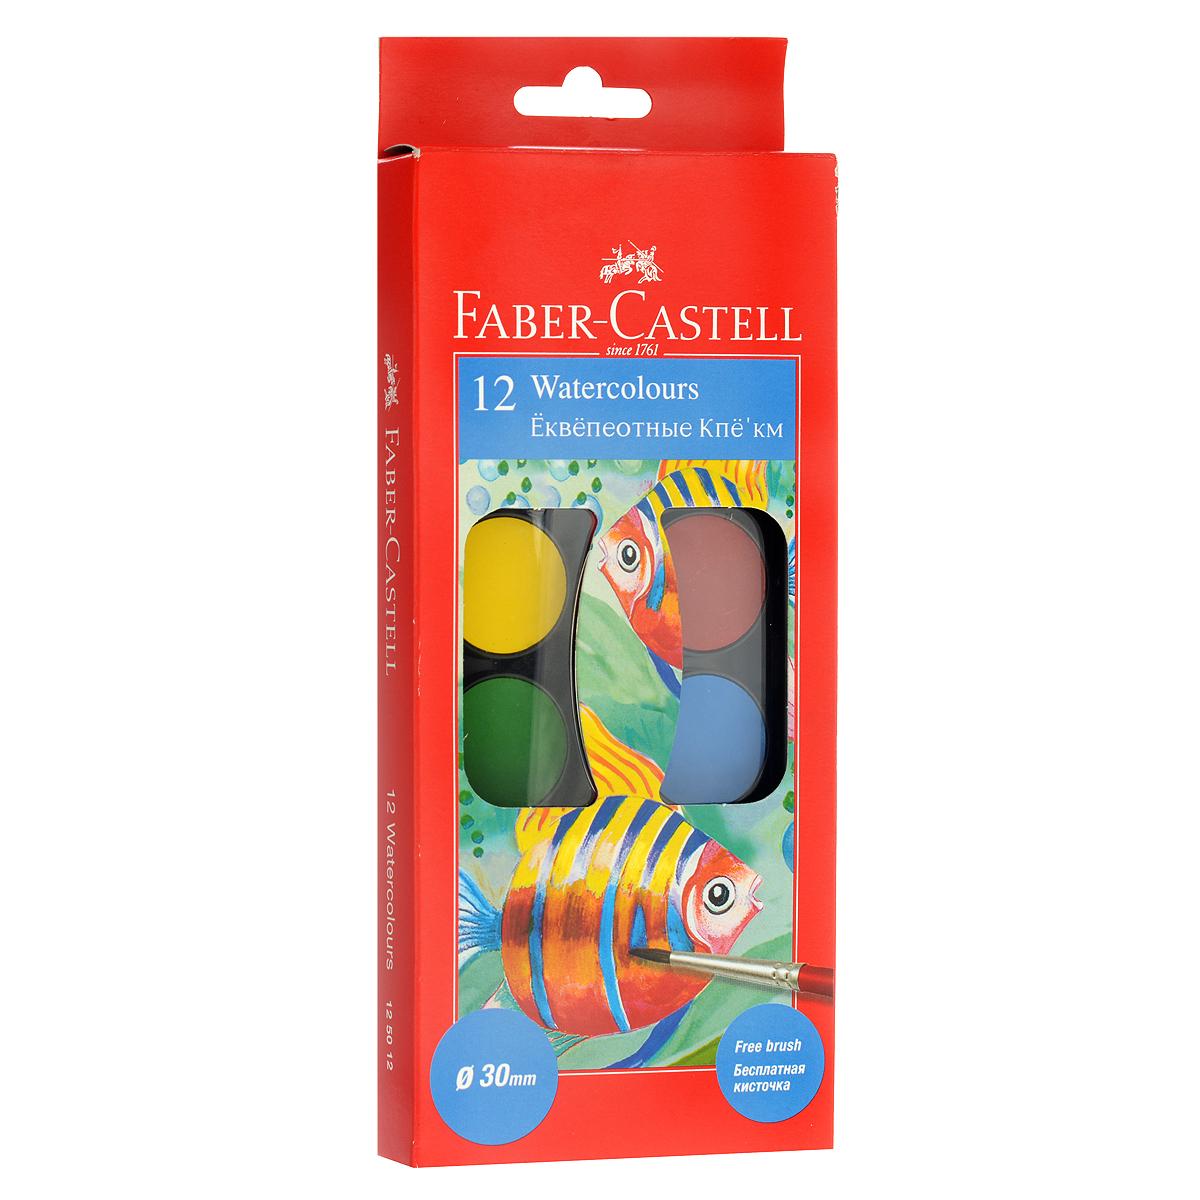 Акварельные краски Faber-Castell, с кисточкой, 12 шт125012Акварельные краски Faber-Castell - это живые и яркие цвета с прекрасной покрывающей способностью, богатая цветовая палитра при смешивании красок, прекрасный результат нанесения на бумагу и другие поверхности. Акварельные краски Faber-Castell - рисуйте в удовольствие! Кисточка в подарок!